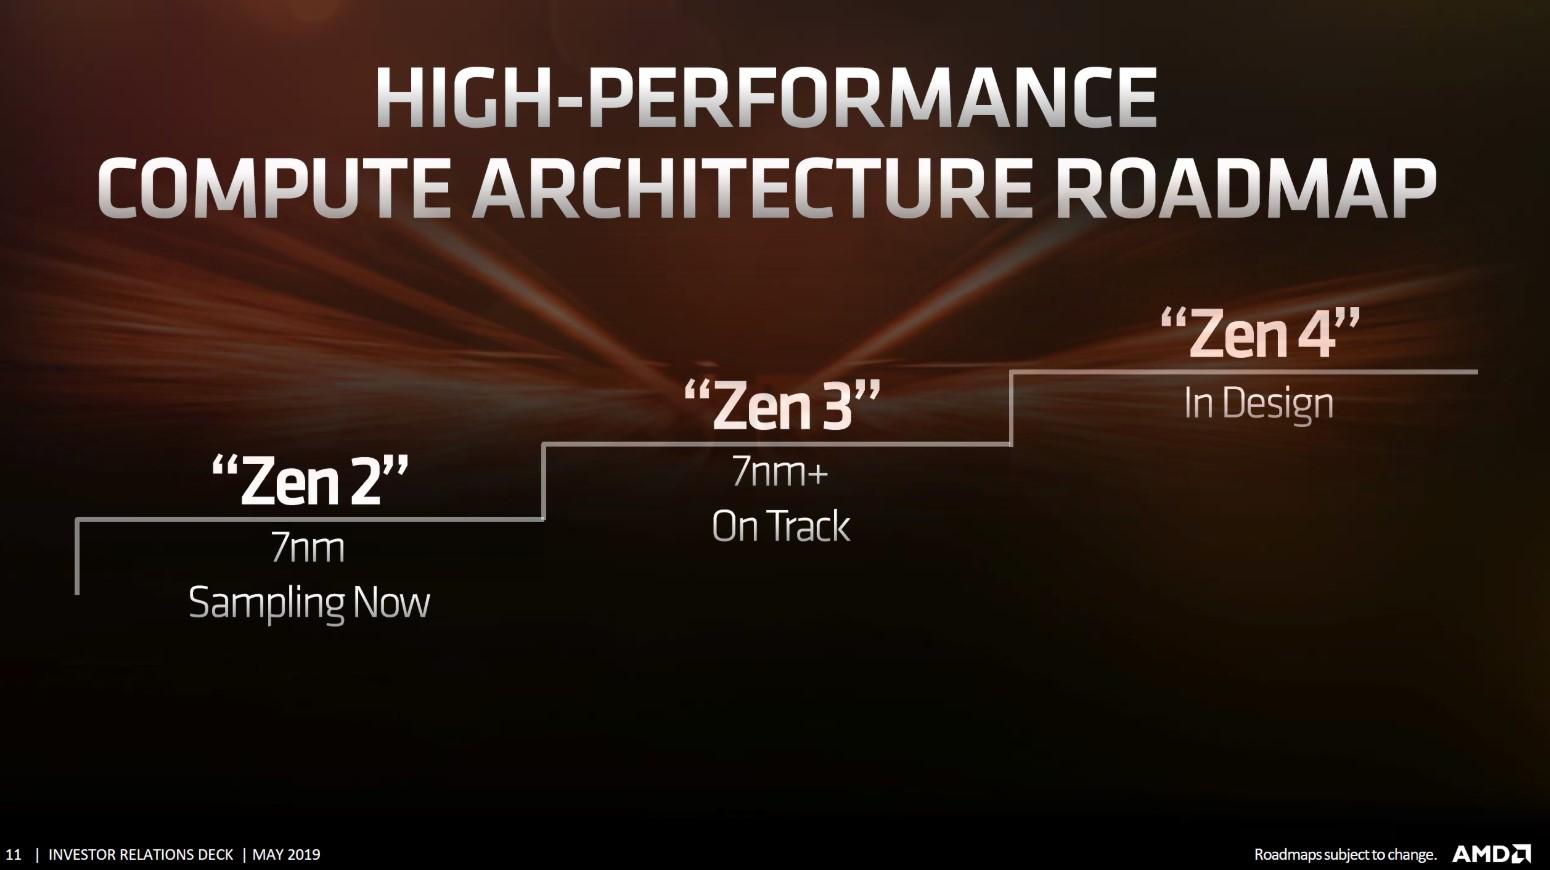 AMD Zen 2 - Zen 3 - Zen 4 Roadmap Tin hoc Dai Viet